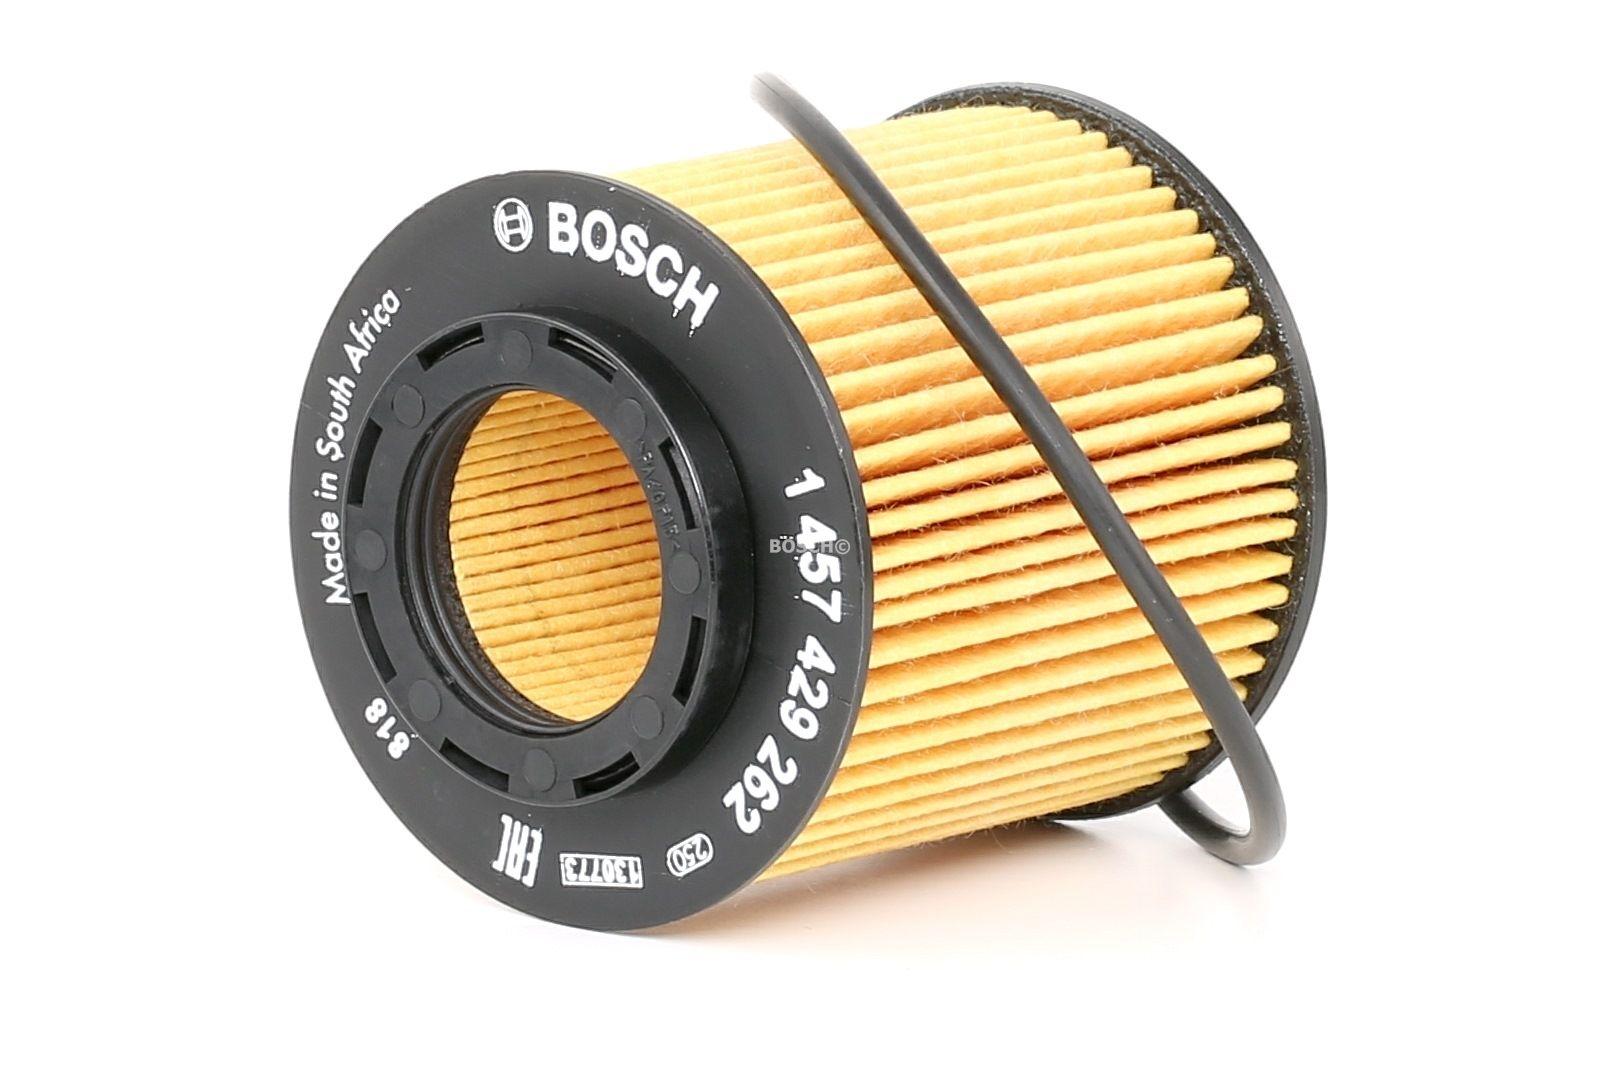 Ölfilter BMW E88 Ersatz 2010 - BOSCH 1 457 429 262 (Ø: 72mm, Höhe: 80,3mm)